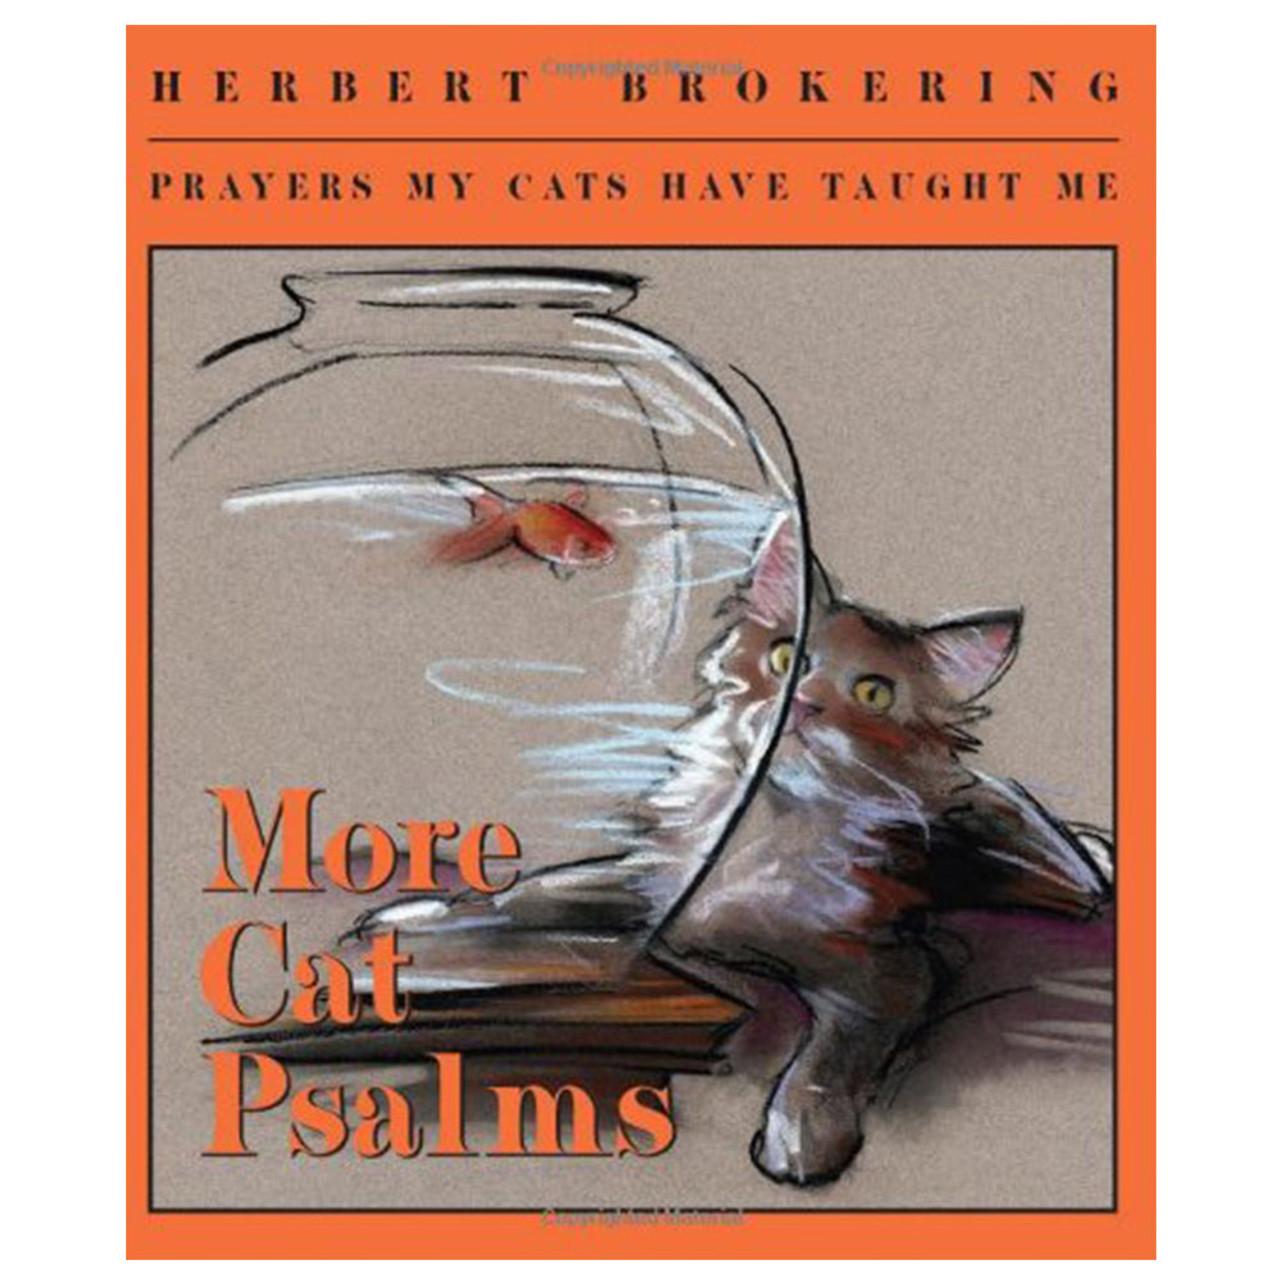 More Cat Psalms Brokering, Herbert